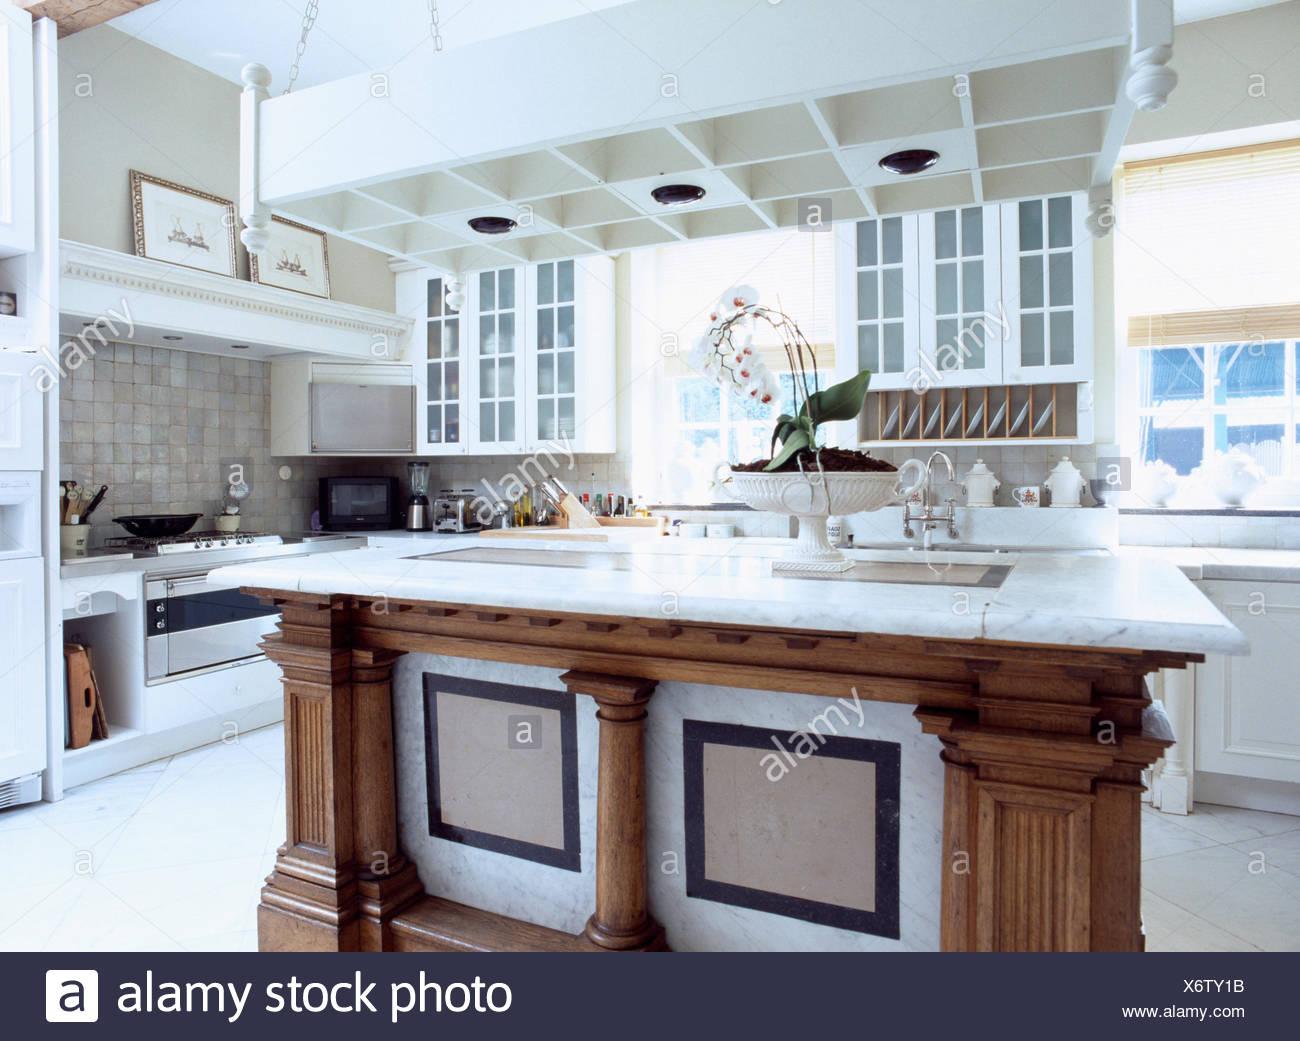 Groß Hängende Küchenschränke Ideen - Ideen Für Die Küche Dekoration ...